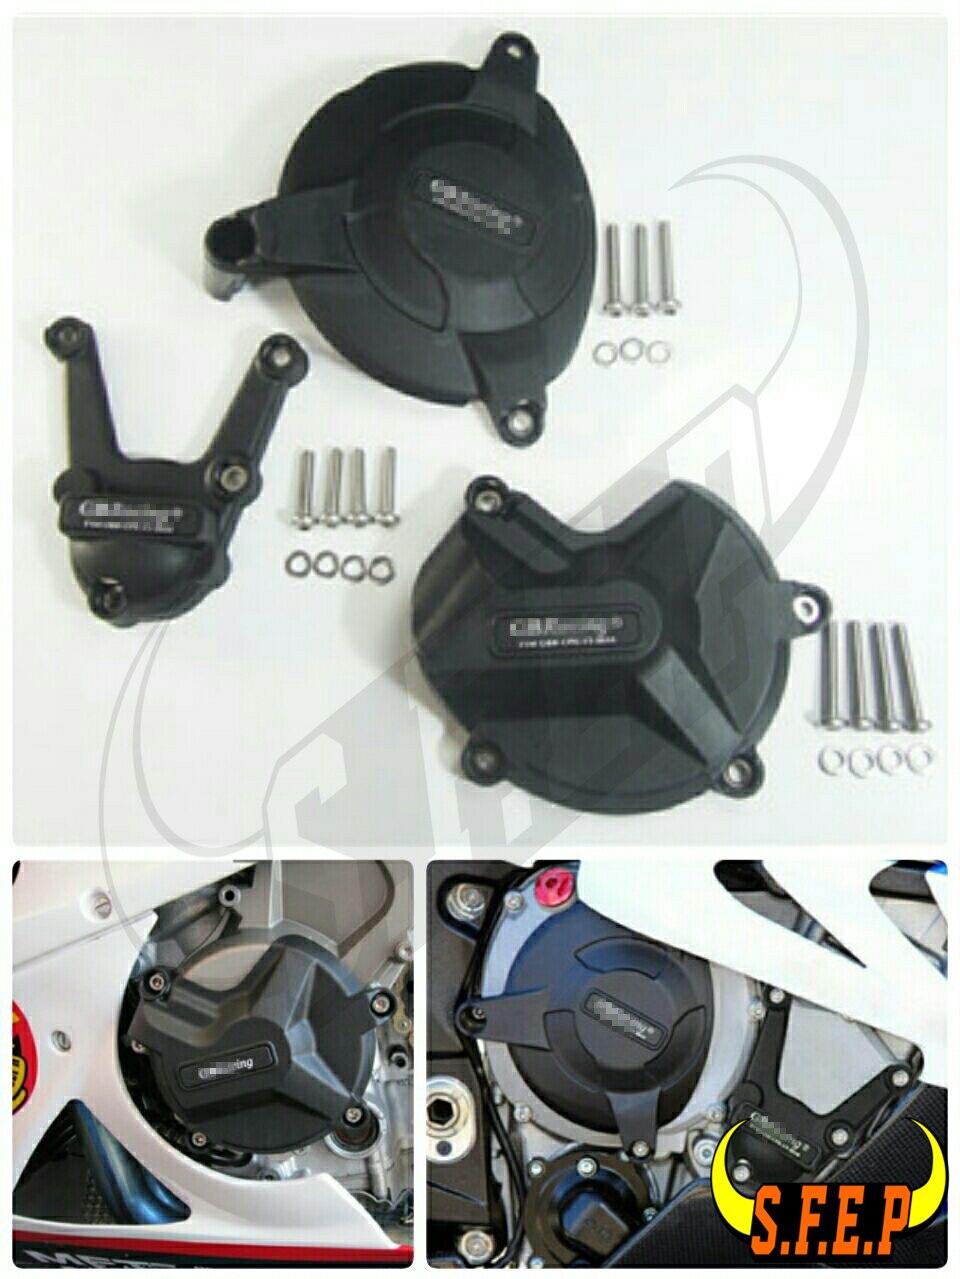 Housse de protection pour moteur moto GB Racing pour BMW S1000RR & S1000R 2009-10-11-12-13-14-15-2016 noir